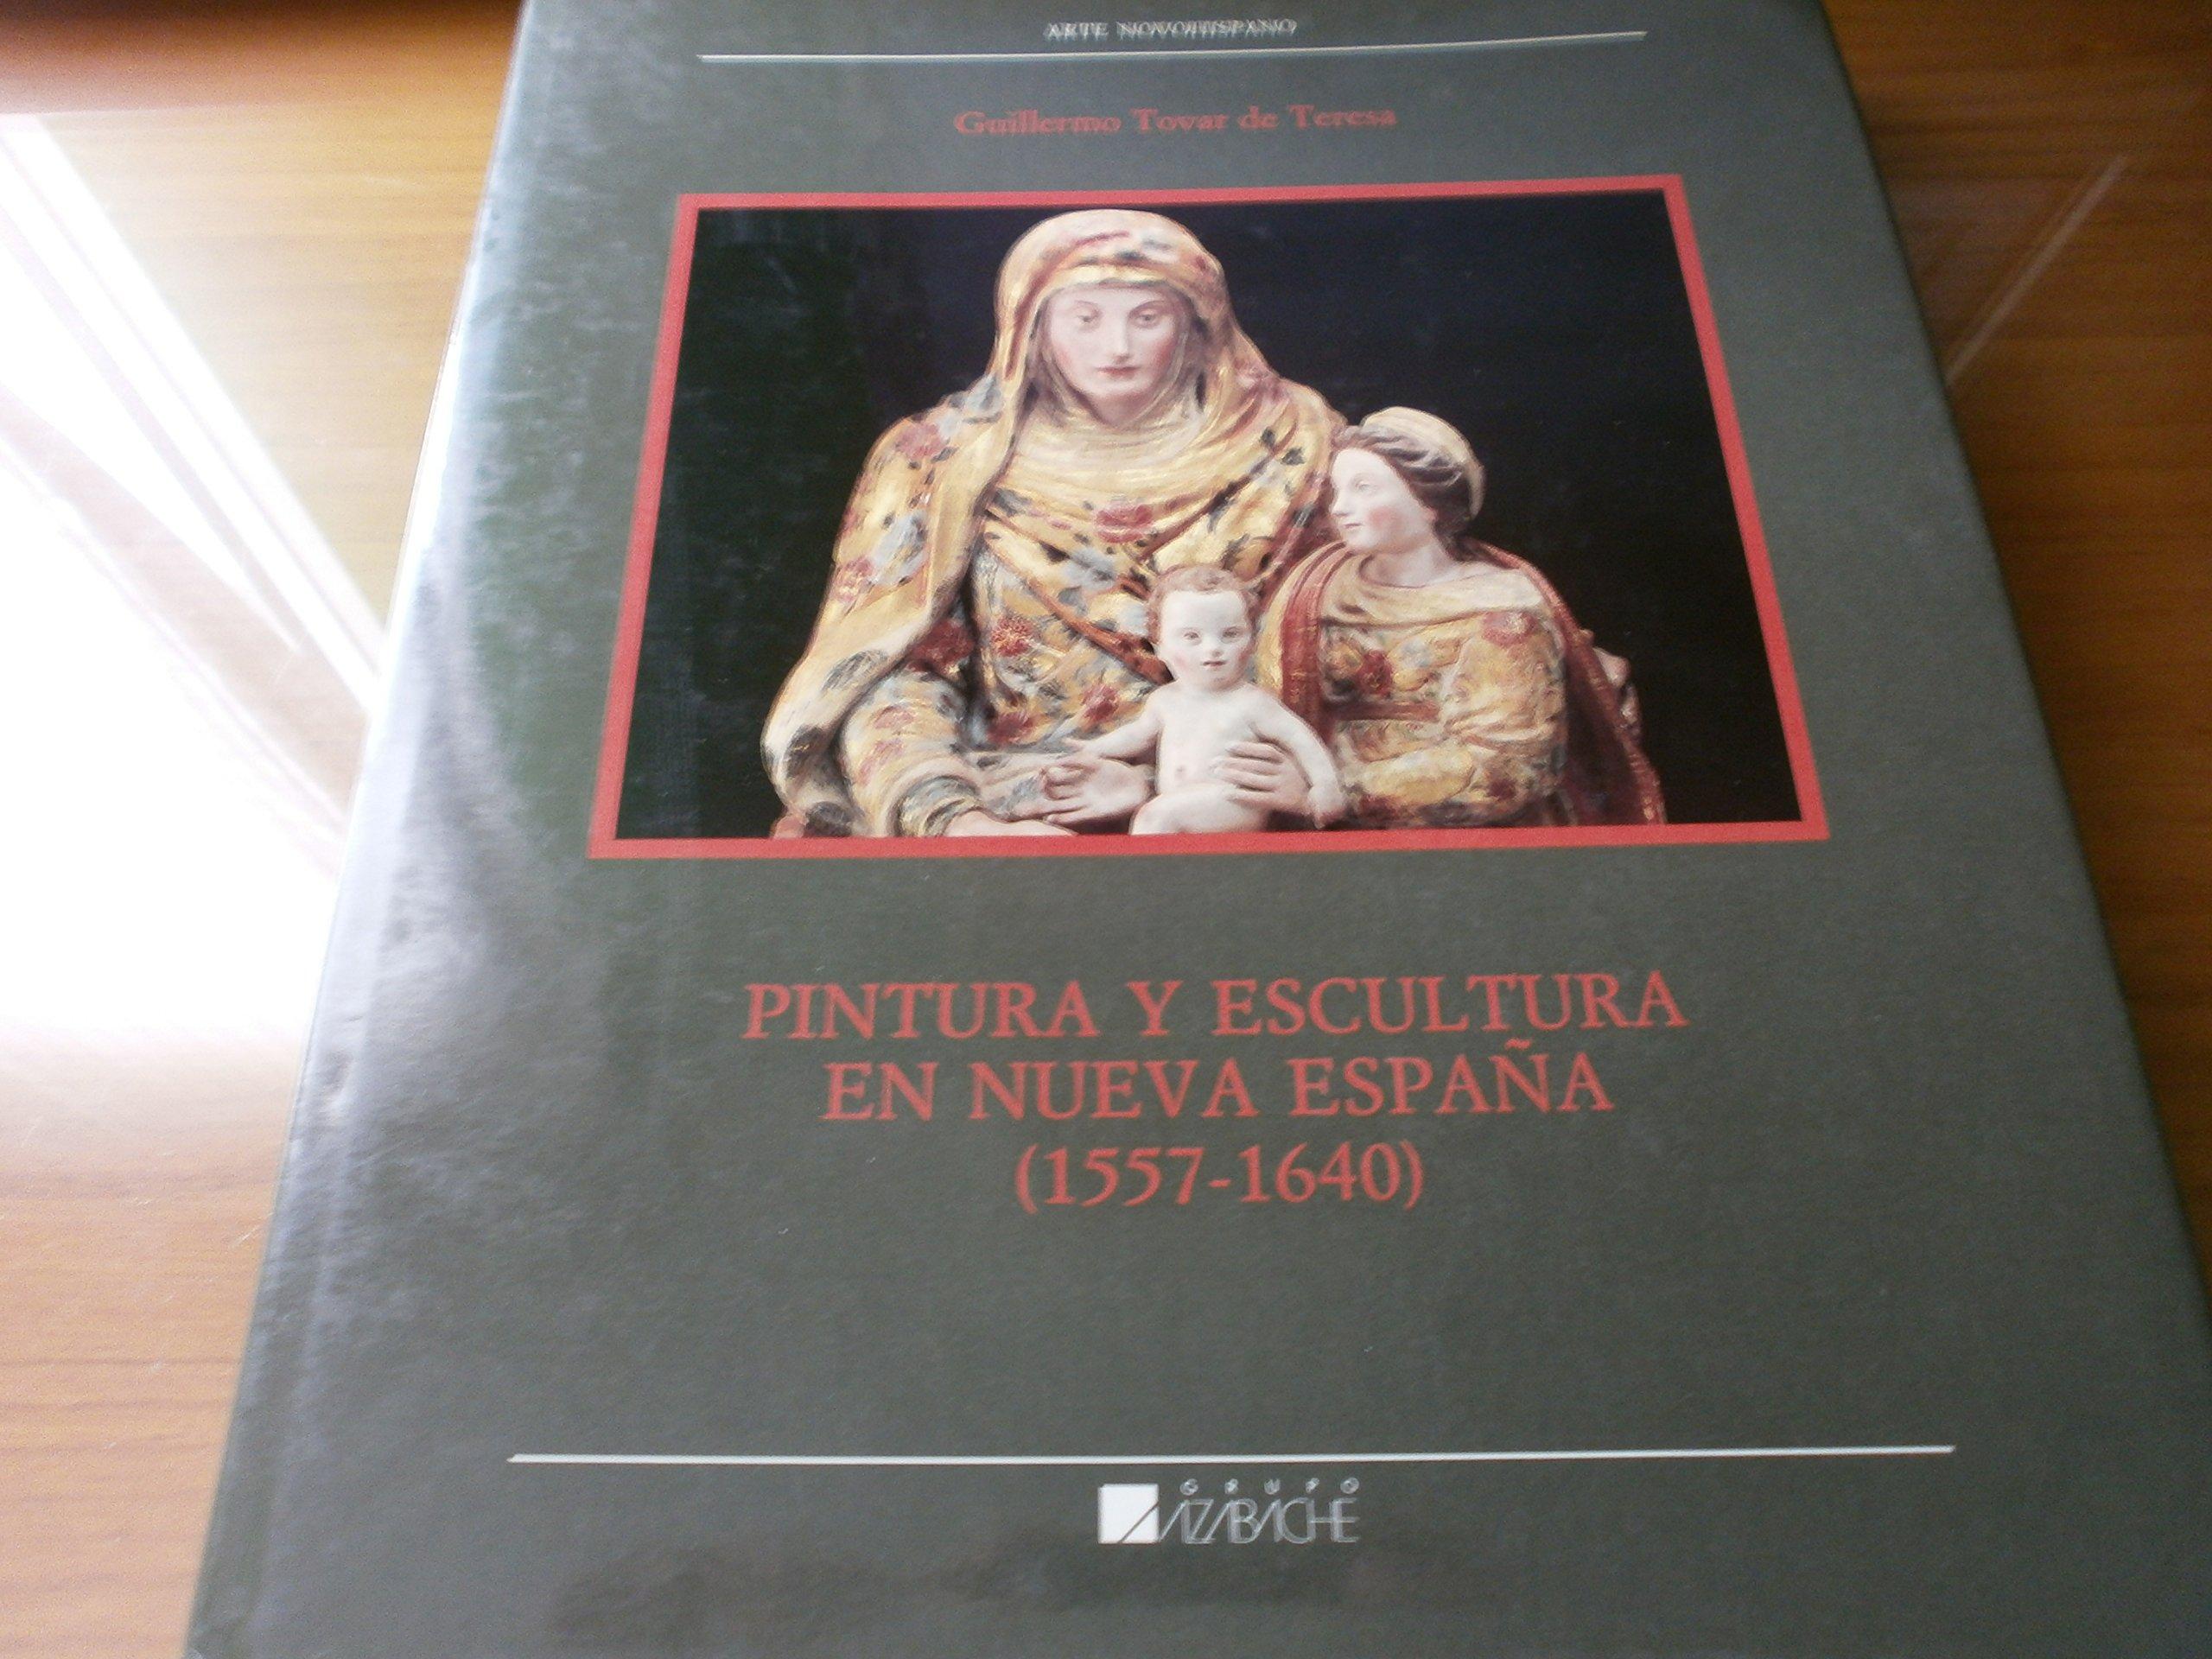 PINTURA Y ESCULTURA EN NUEVA ESPAÑA 1547-1640: Amazon.es: TOVAR DE ...